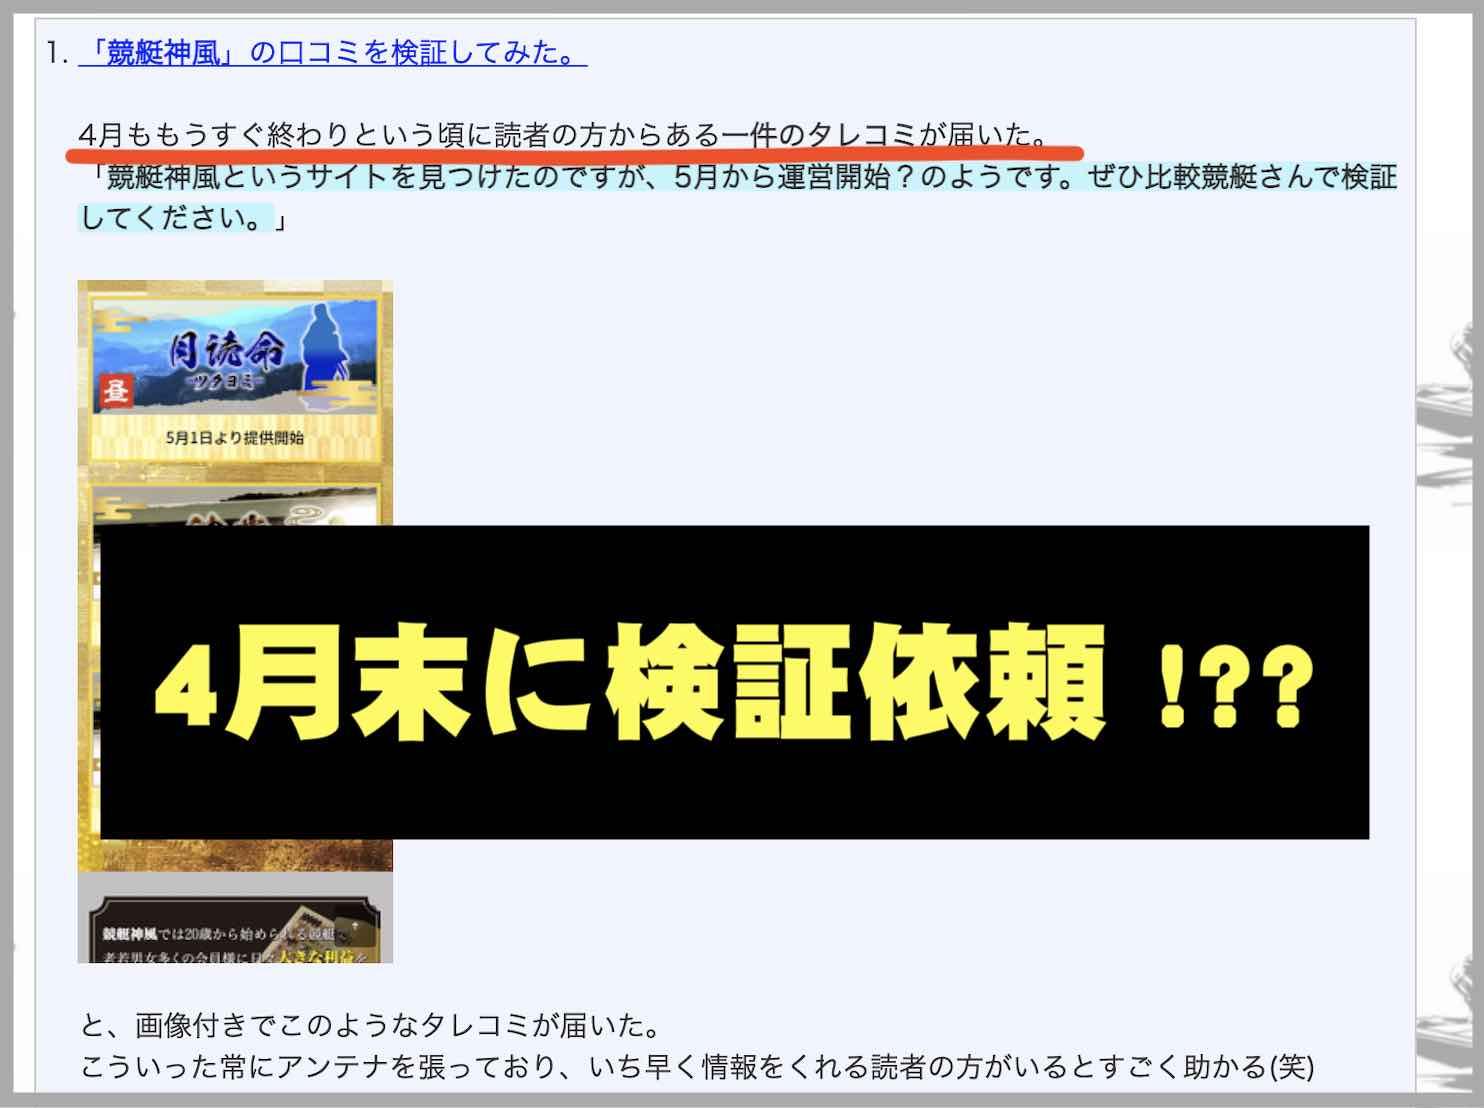 4月末に競艇予想サイト神風の検証依頼を受けた比較競艇.net?